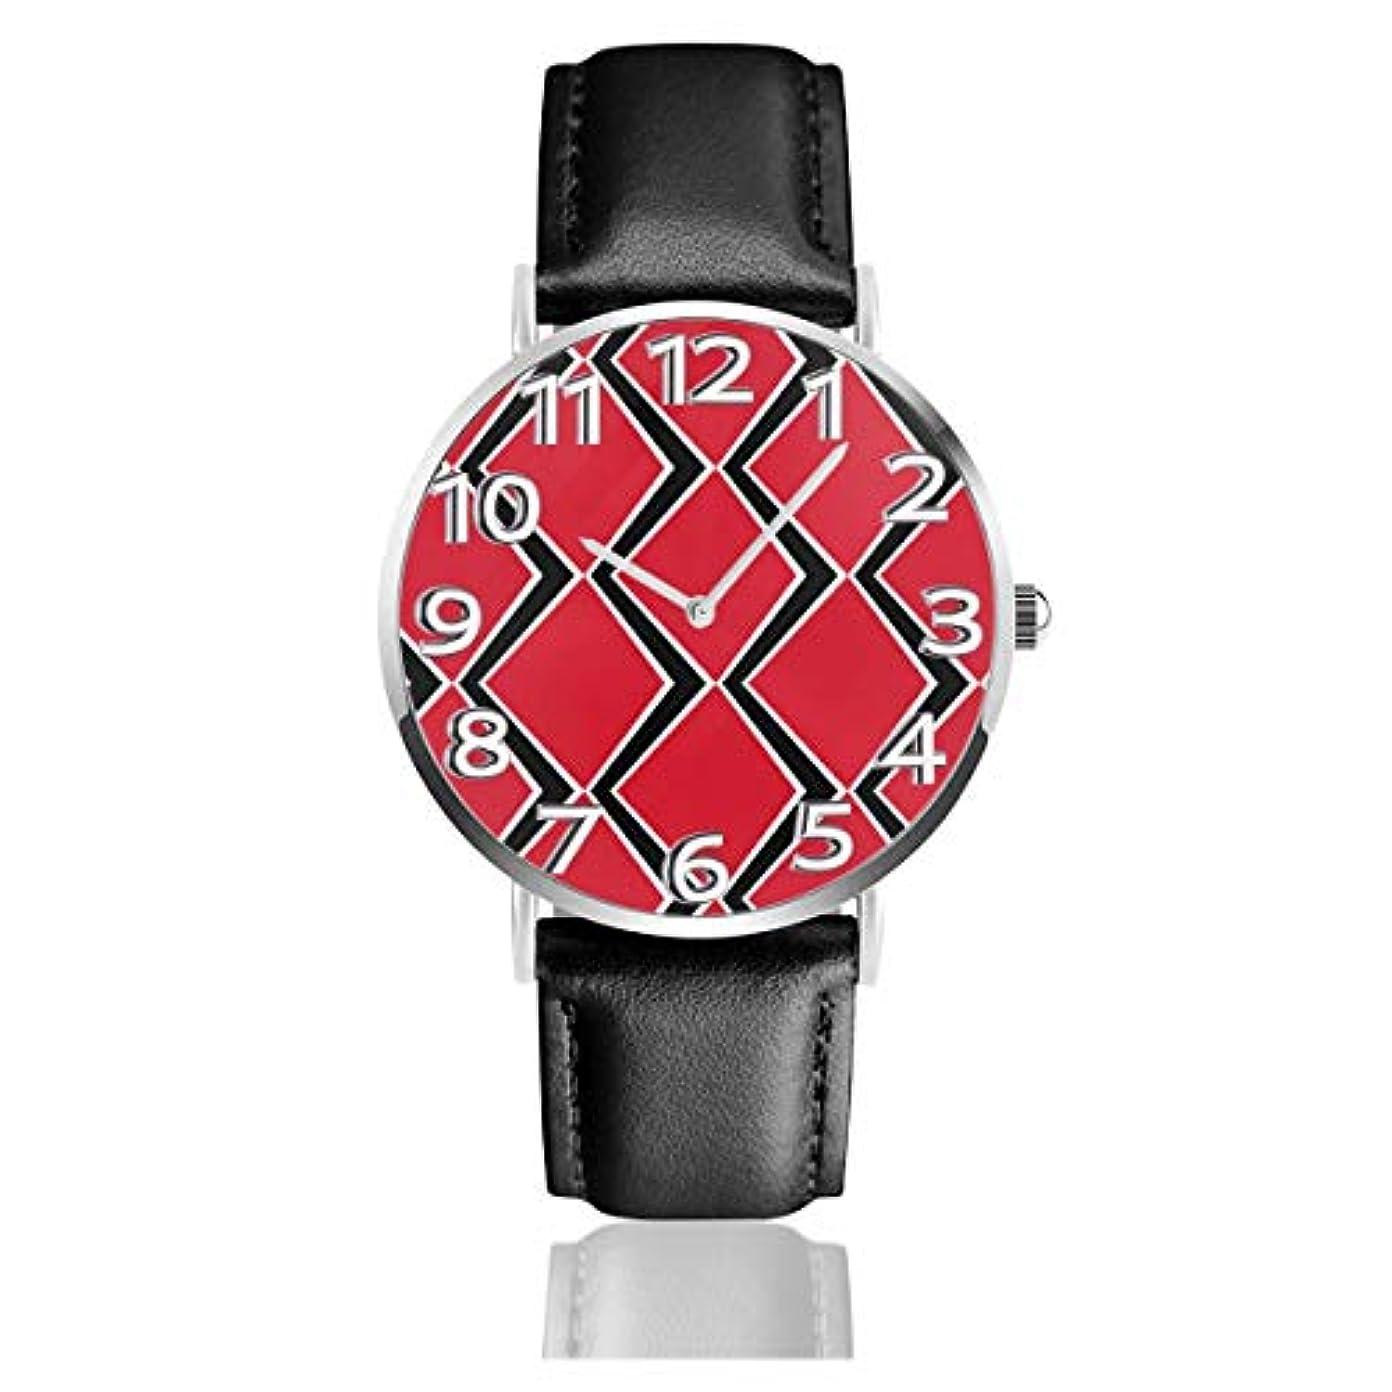 あたたかい深遠マークされたトリニダードトバゴフラグの組み合わせベルトウォッチ 腕時計 おしゃれ 女性 レザーベルト ウォッチ クォーツ 時計 男女兼用